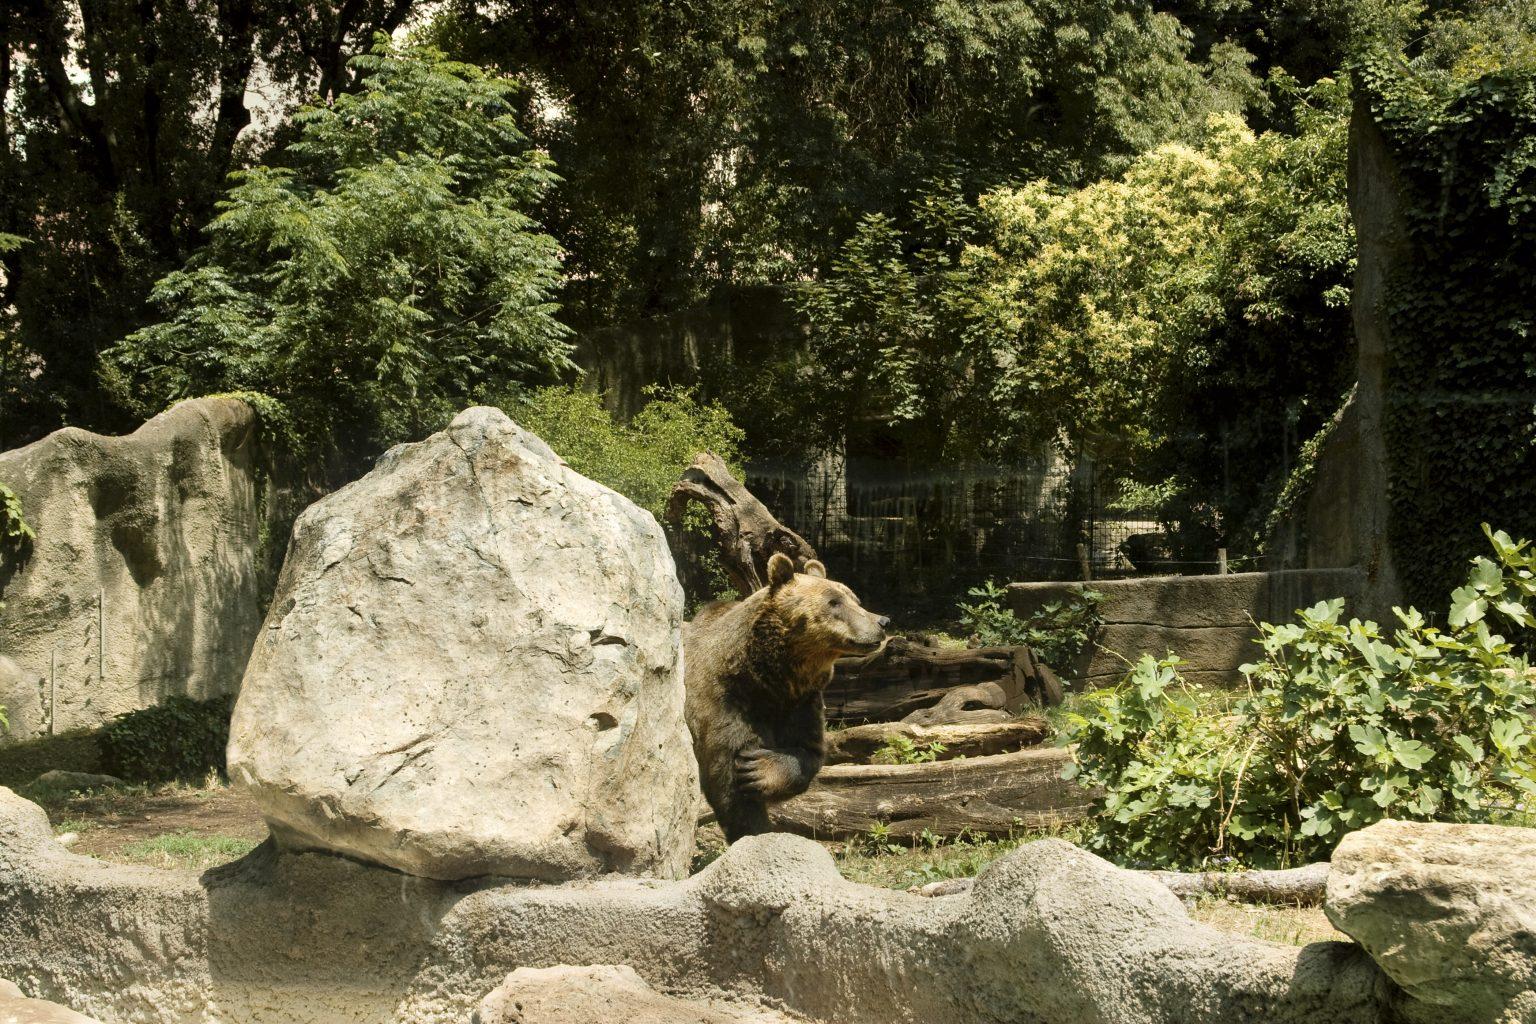 Rome, June 2011 - Bioparco, zoological garden, brown bear. >< Roma, giugno 2011 - Bioparco, giardino zoologico, orso bruno.